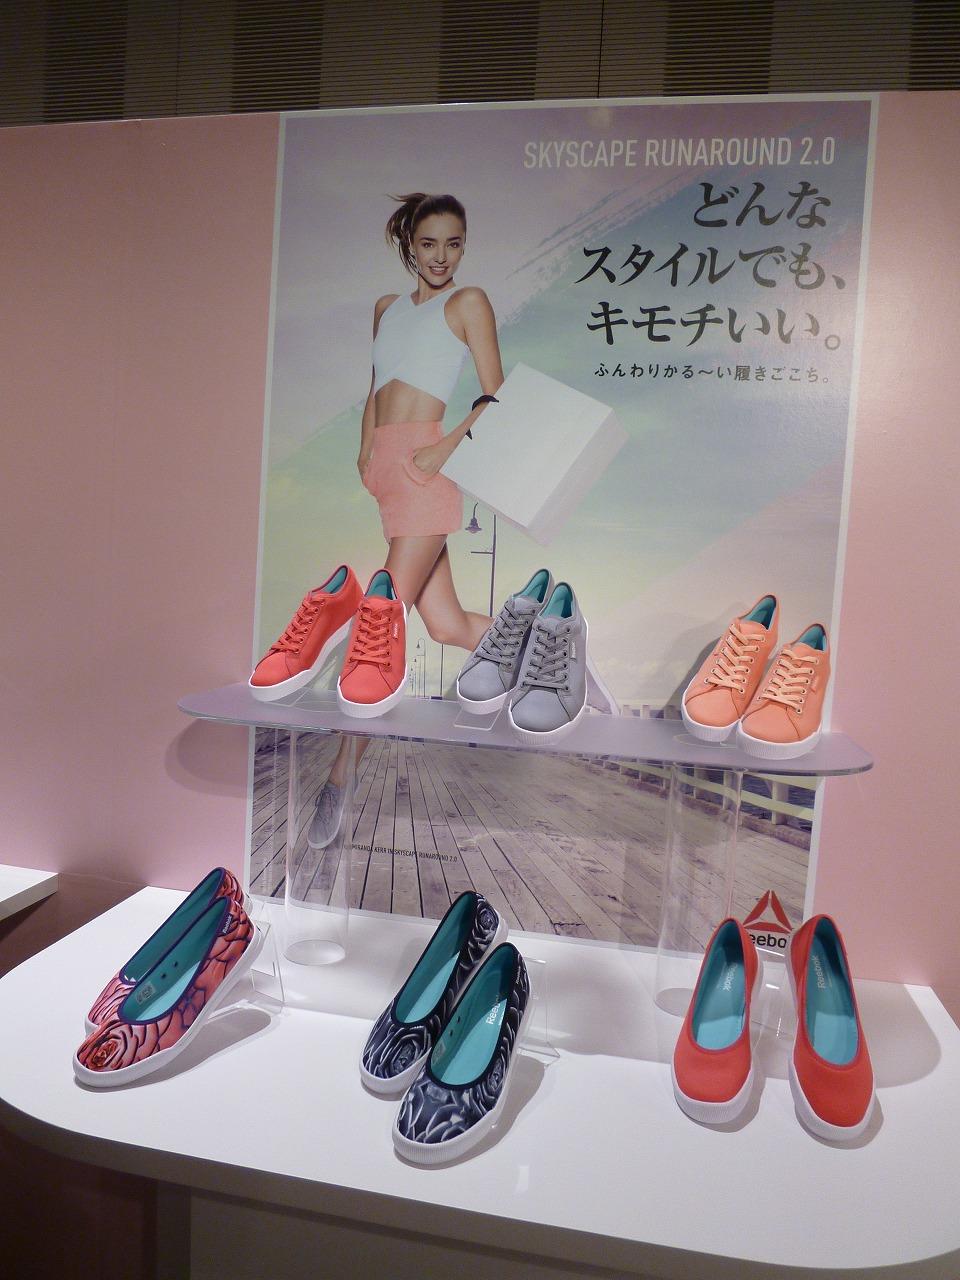 【ファッションショーレポ】「リーボック スカイスケープ ファッションショー」に憧れのミランダ・カーが登場!_3